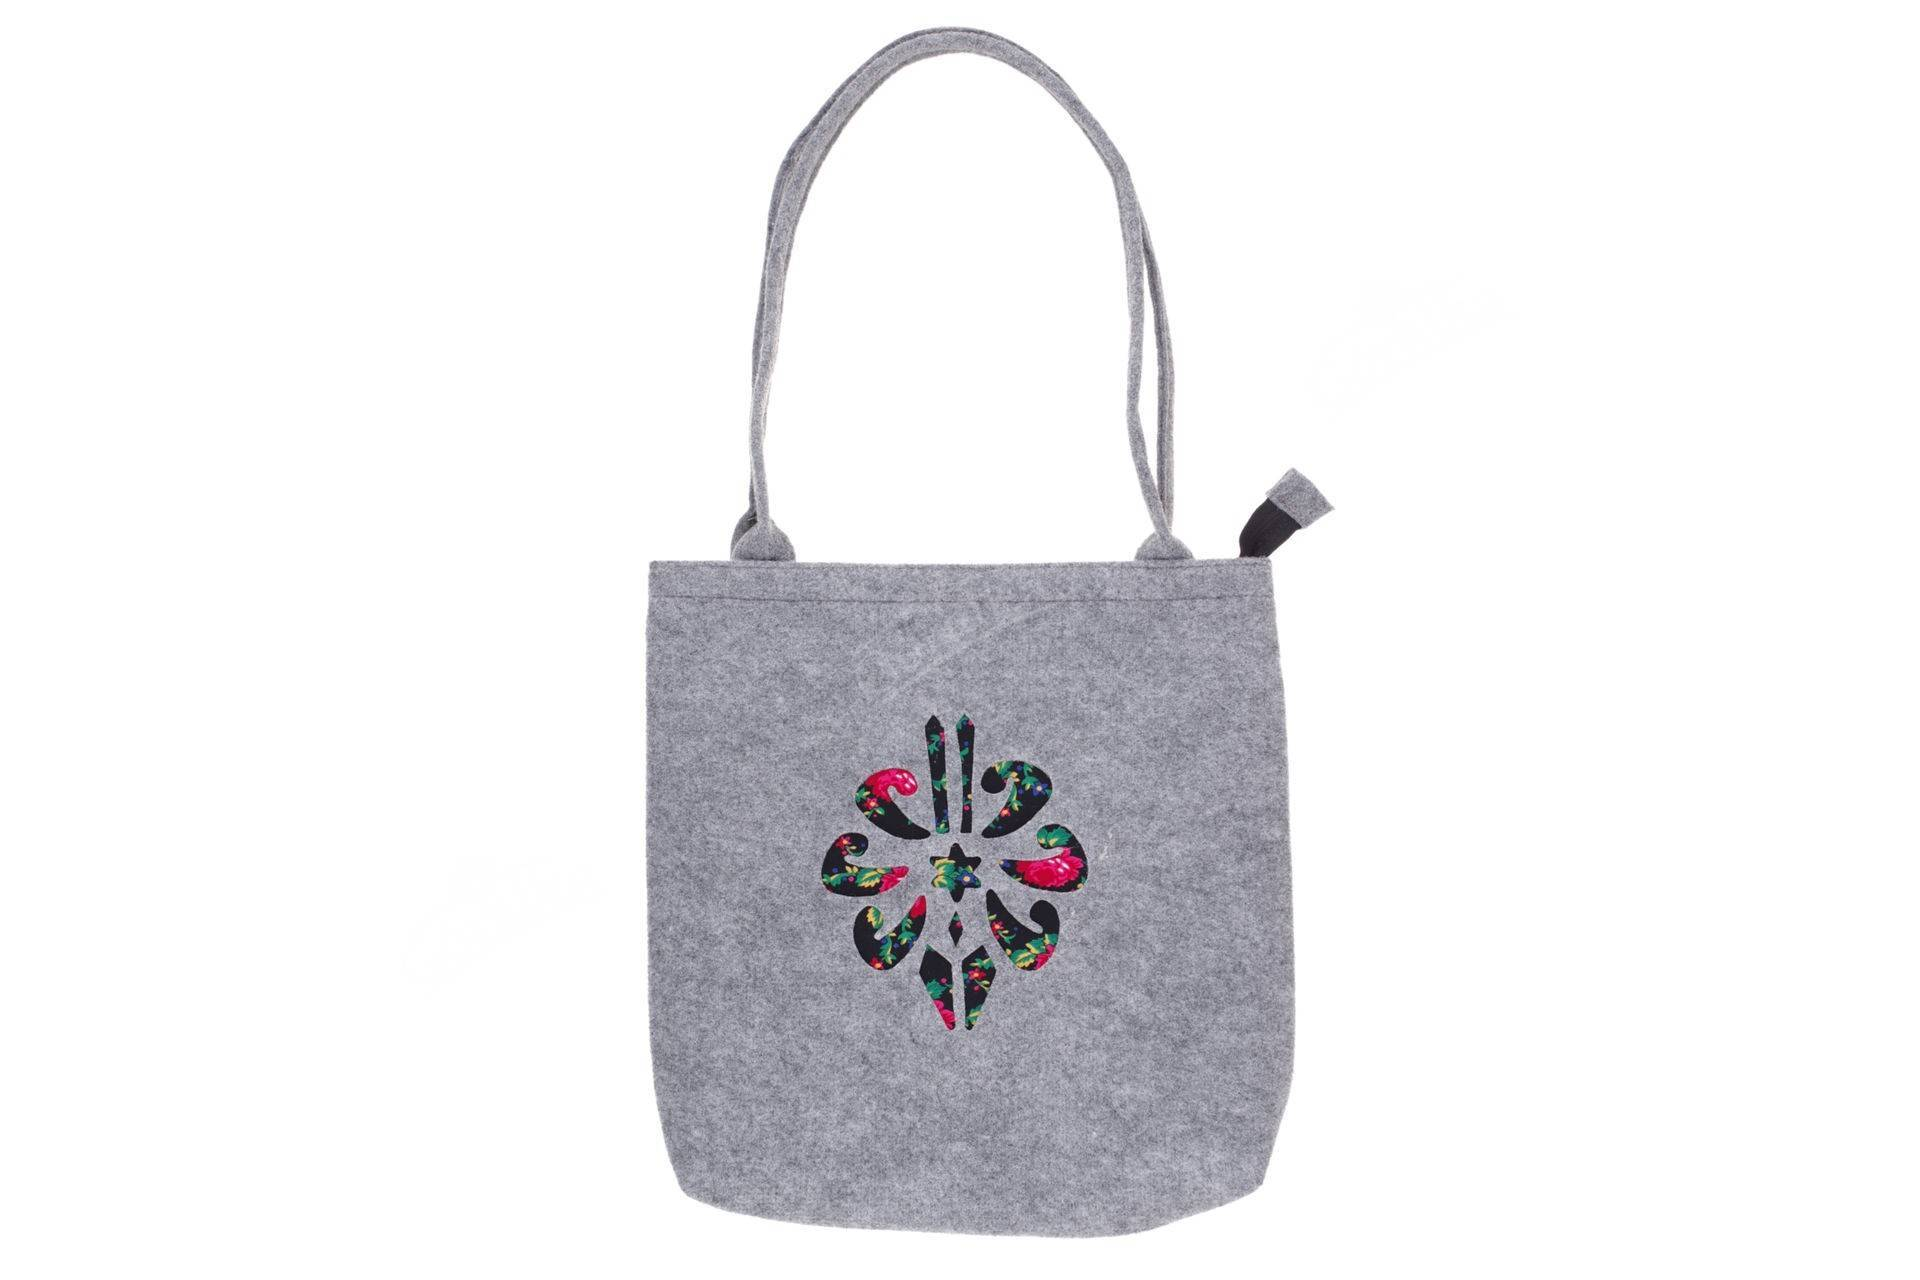 857f3c5e285f9 Torebka filcowa góralska folk torba na zakupy szara z parzenicą czarną